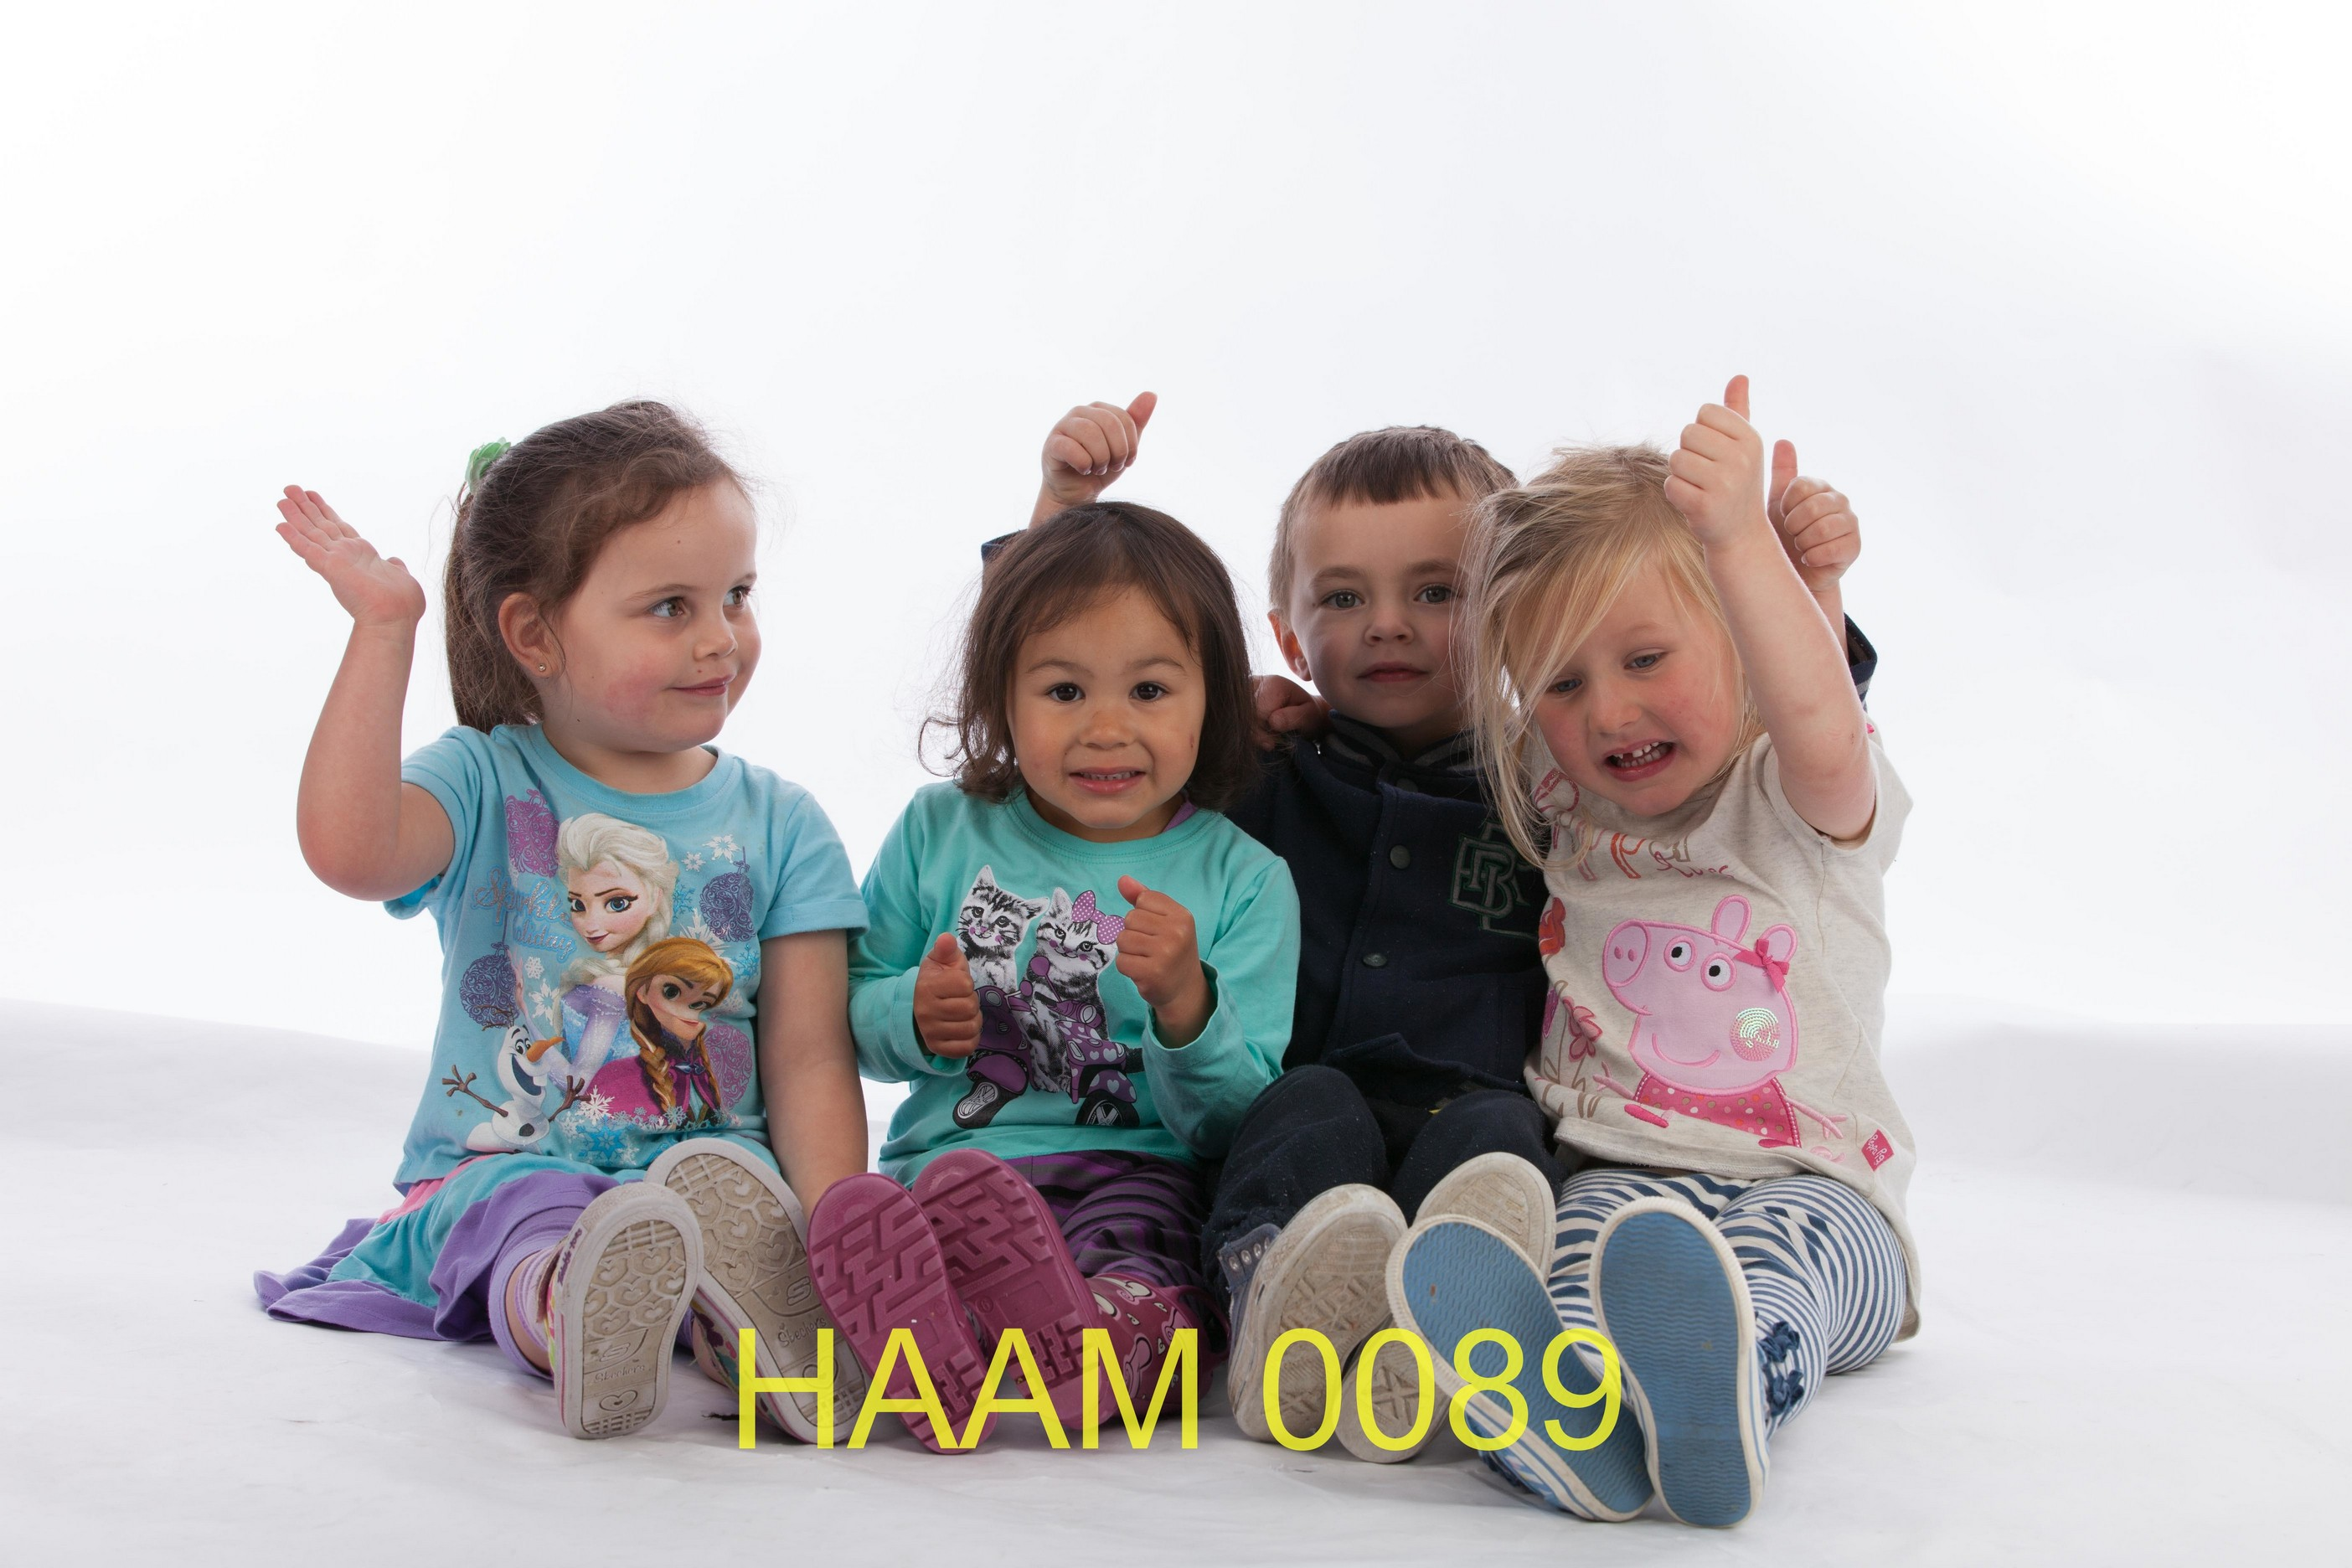 HAAM 0089